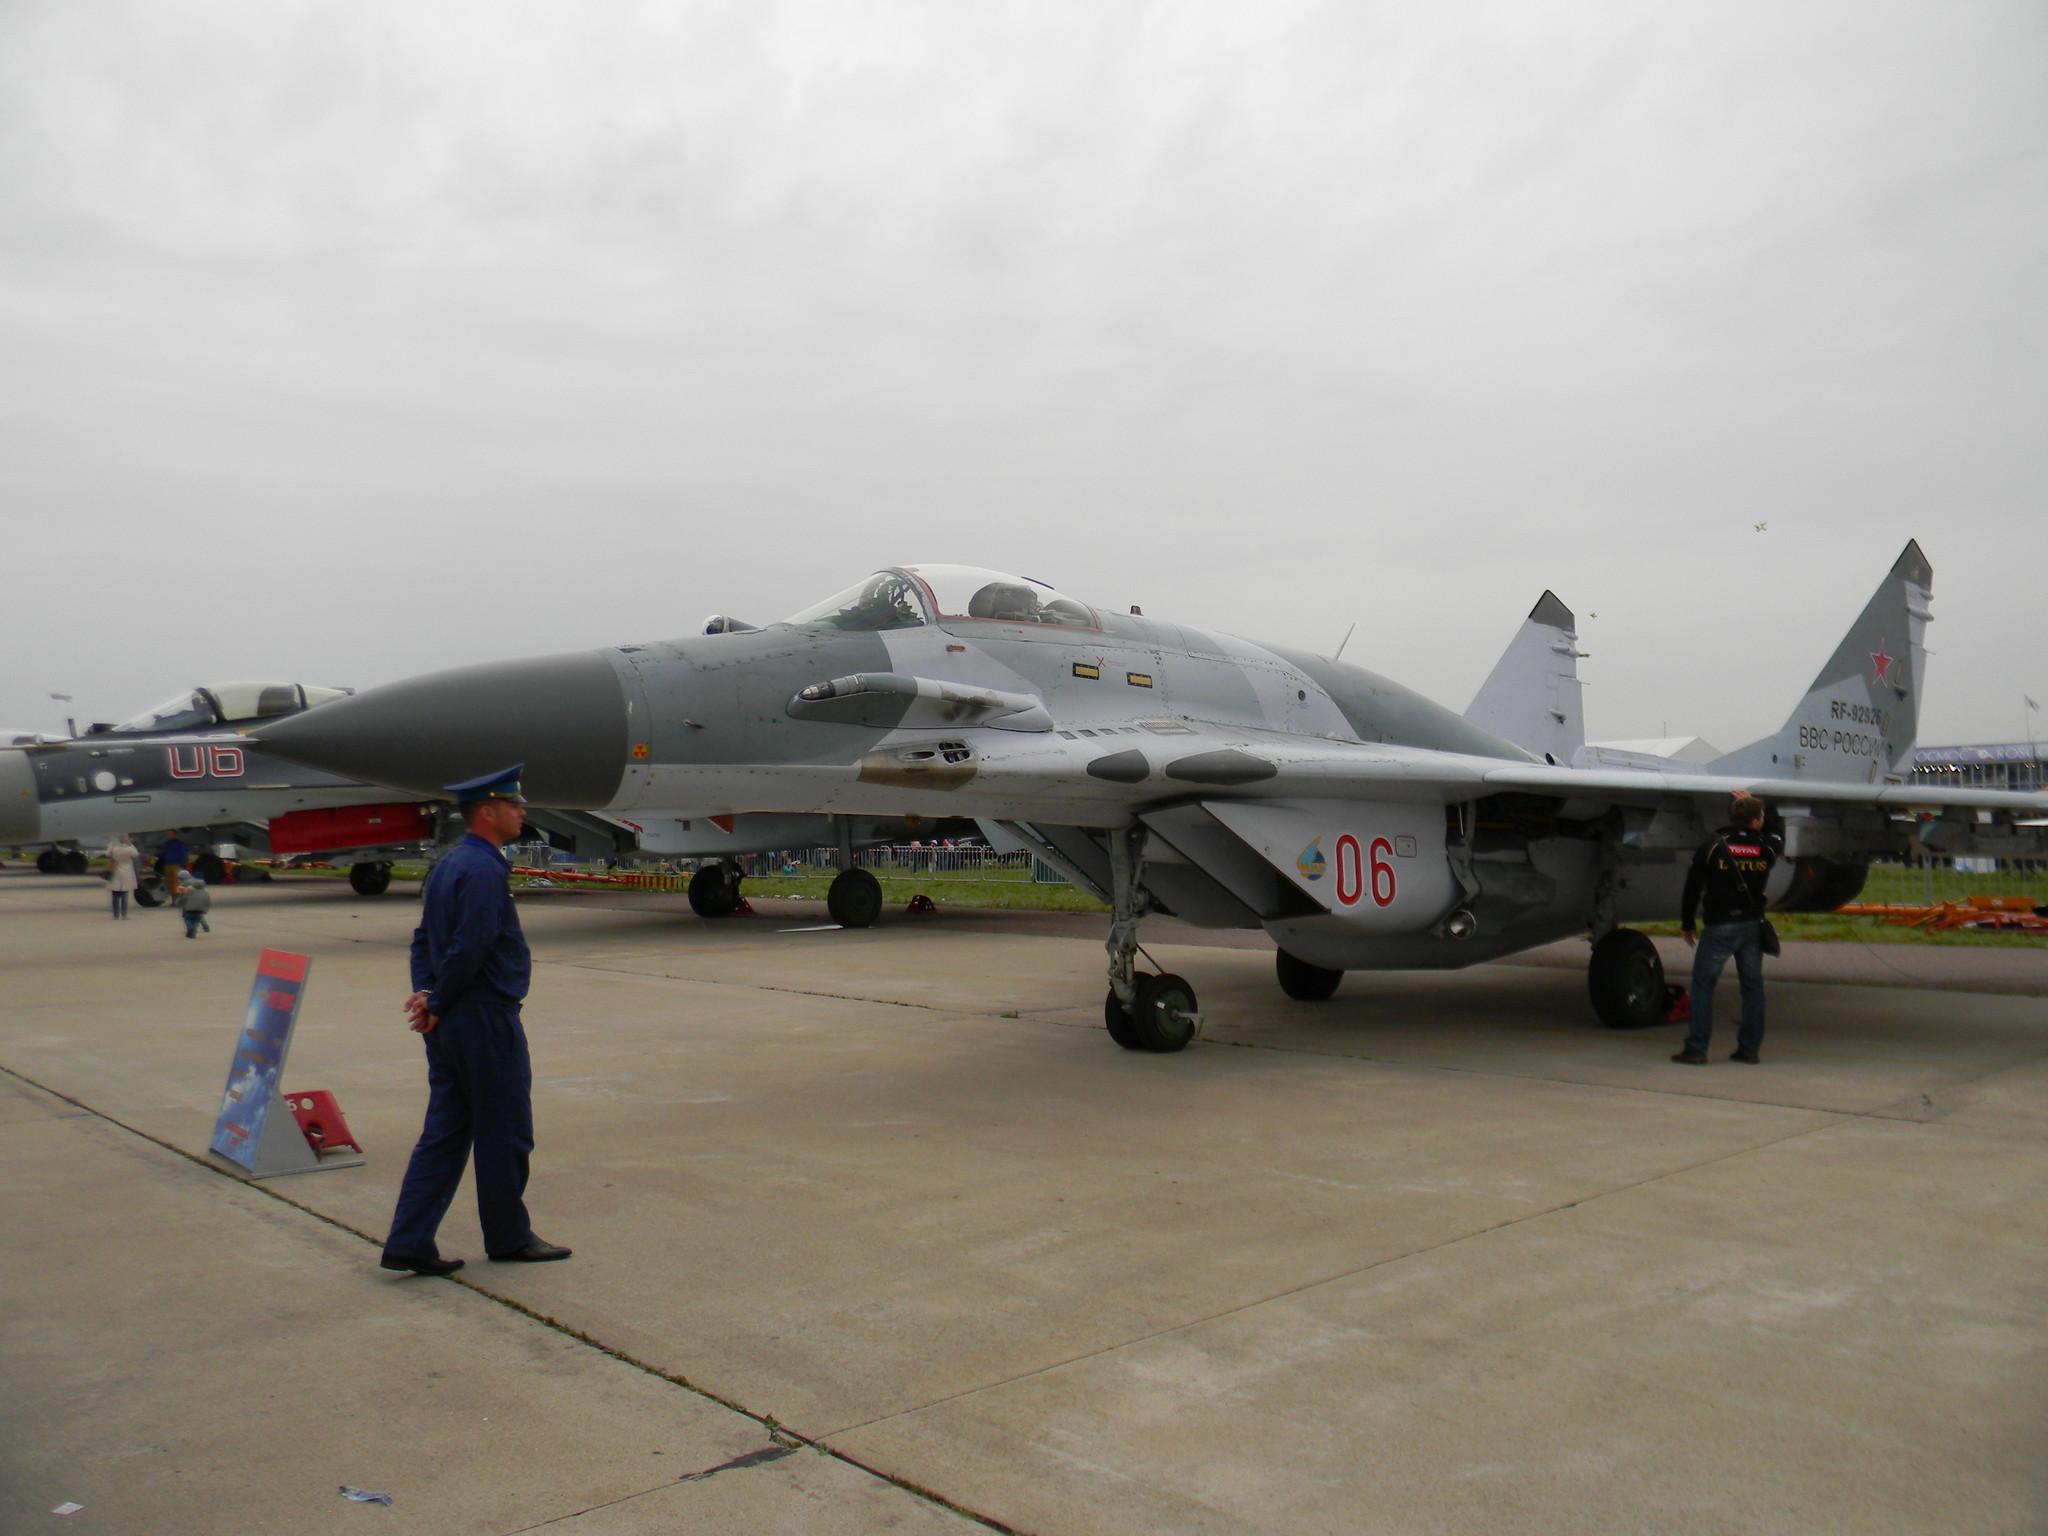 МиГ-29СМТ - одноместный многоцелевой фронтовой истребитель